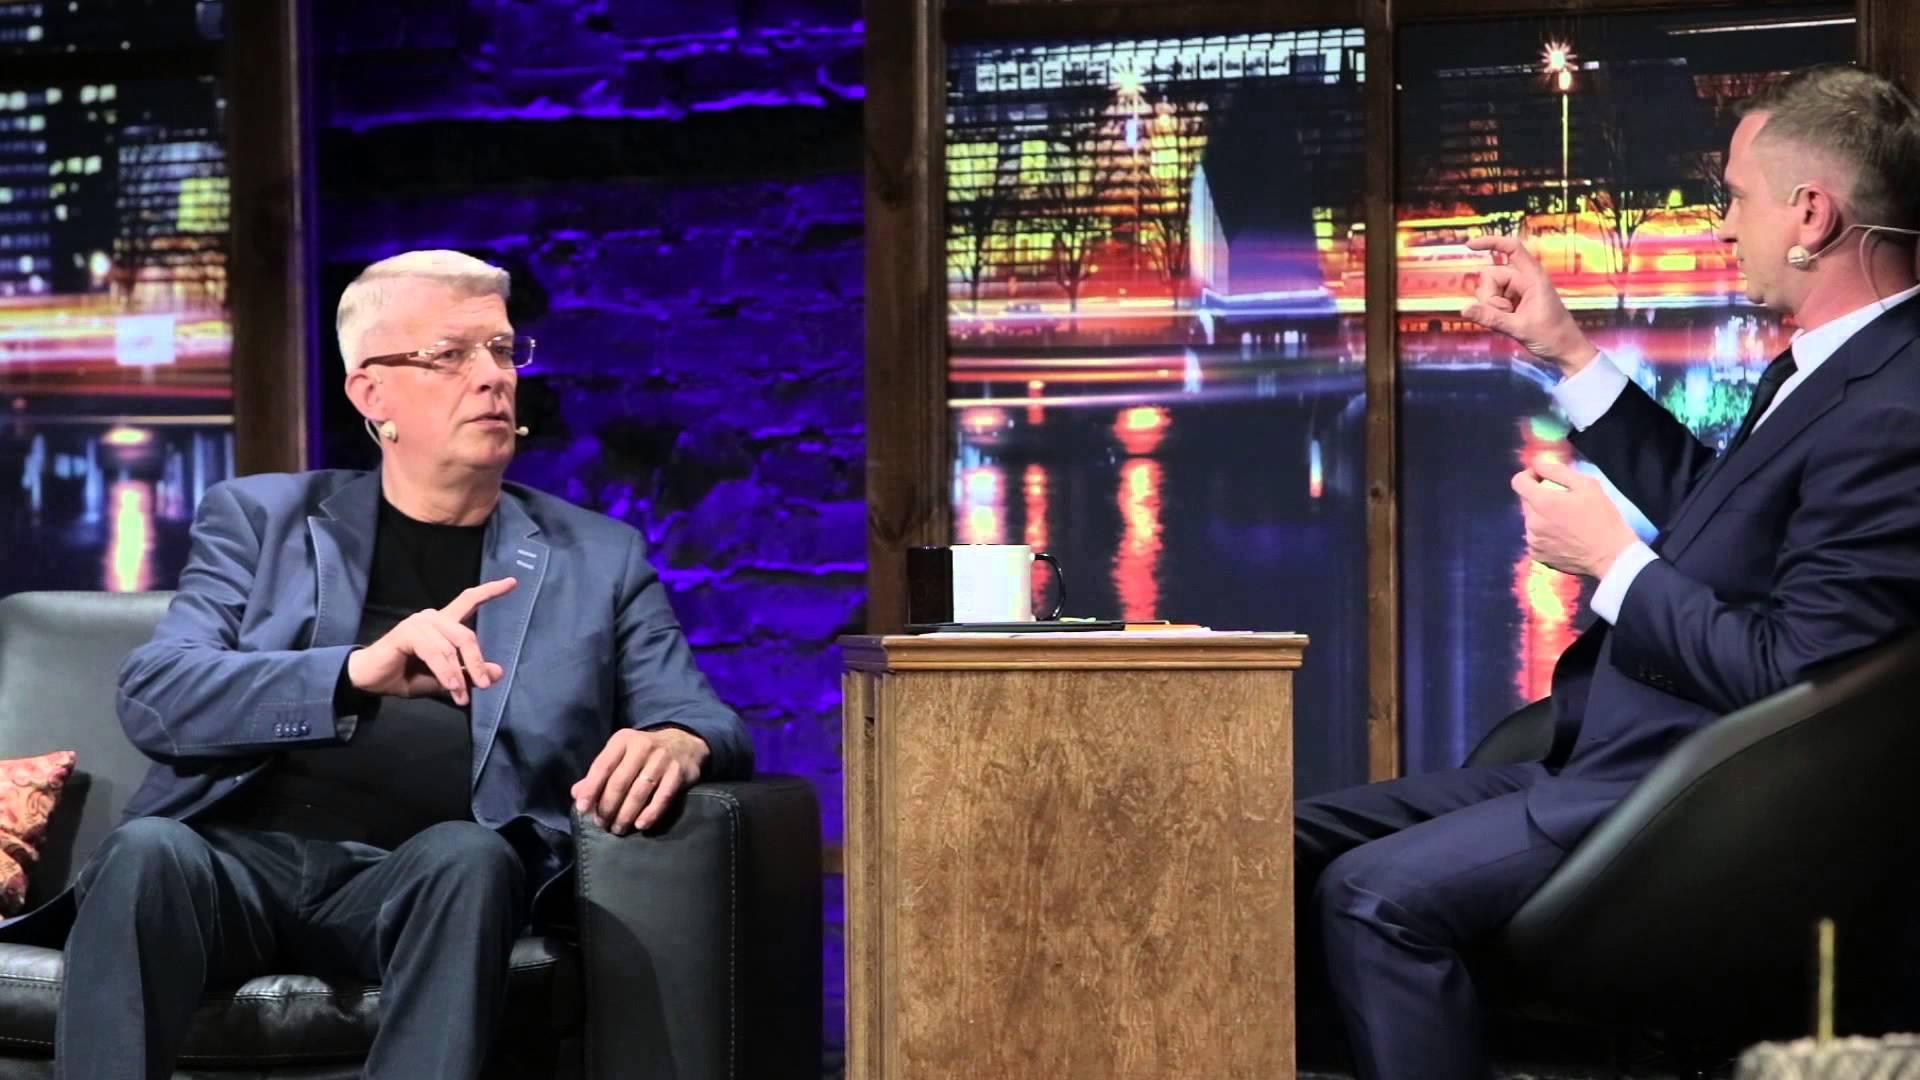 """VIDEO: Eksprezidents Valdis Zatlers ciemojas pie jokdara Skuteļa! Un apspriež jautājumu """"Kas es emu?""""!"""